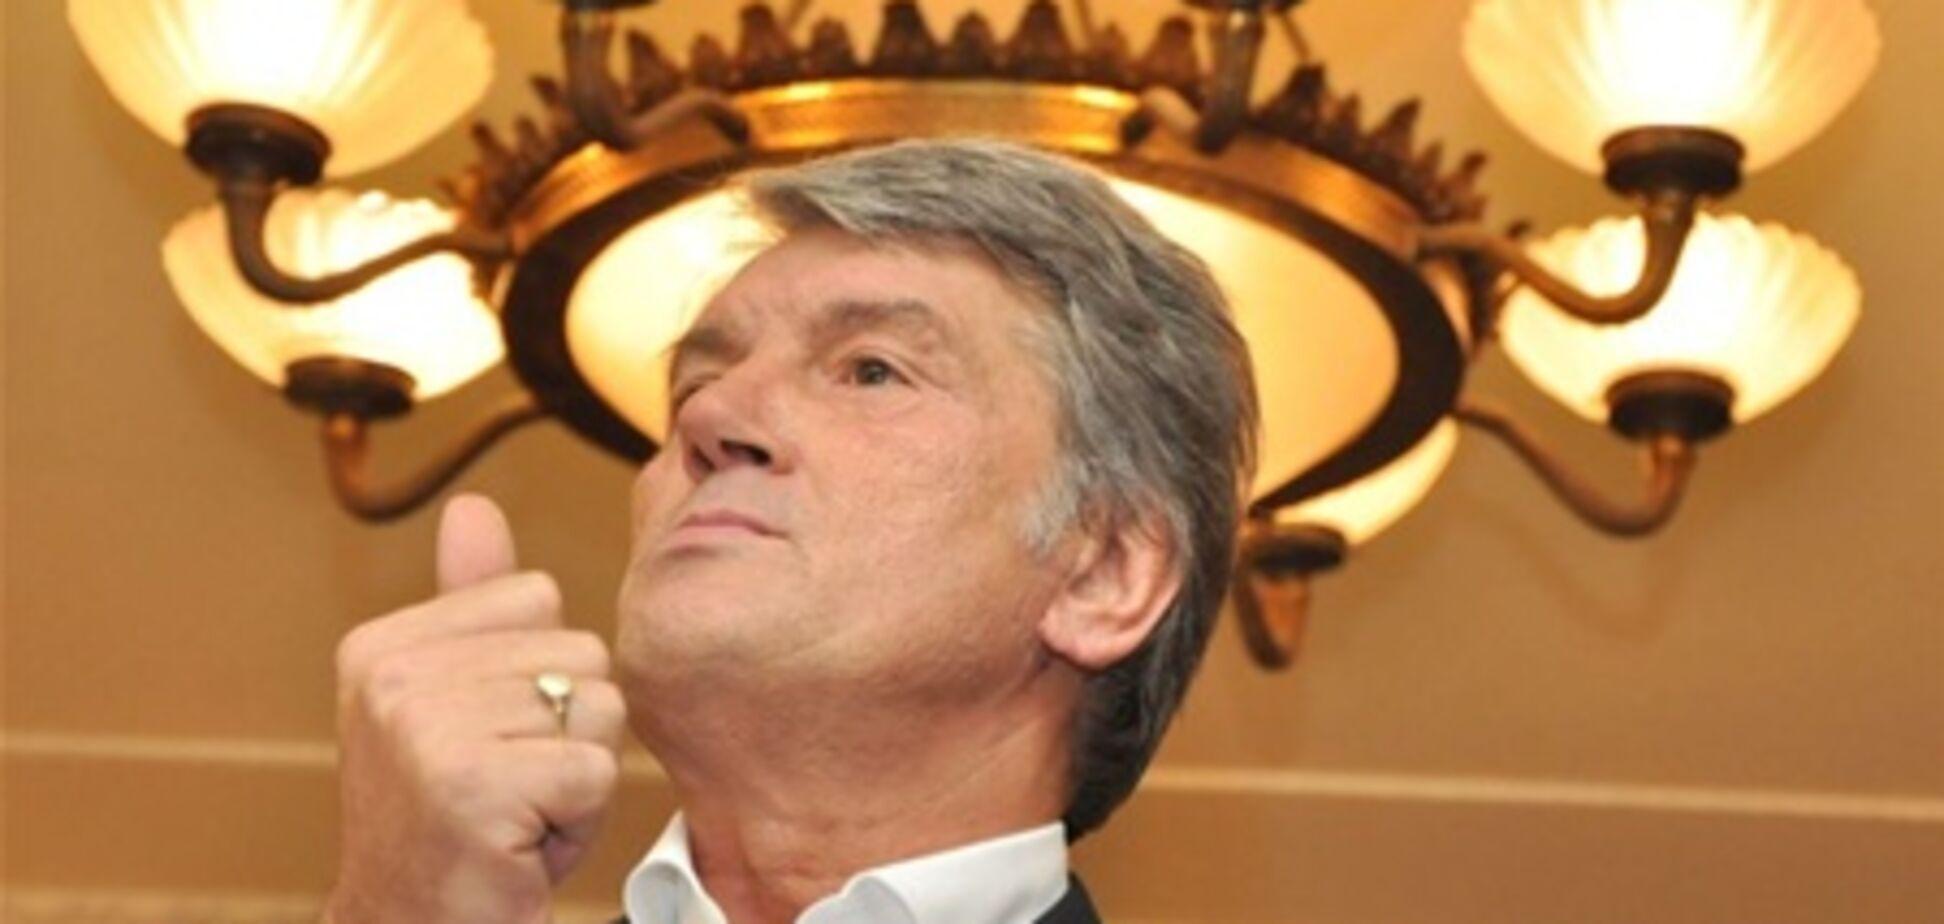 Ванникова: Ющенко никуда не пропал с партийной кассой